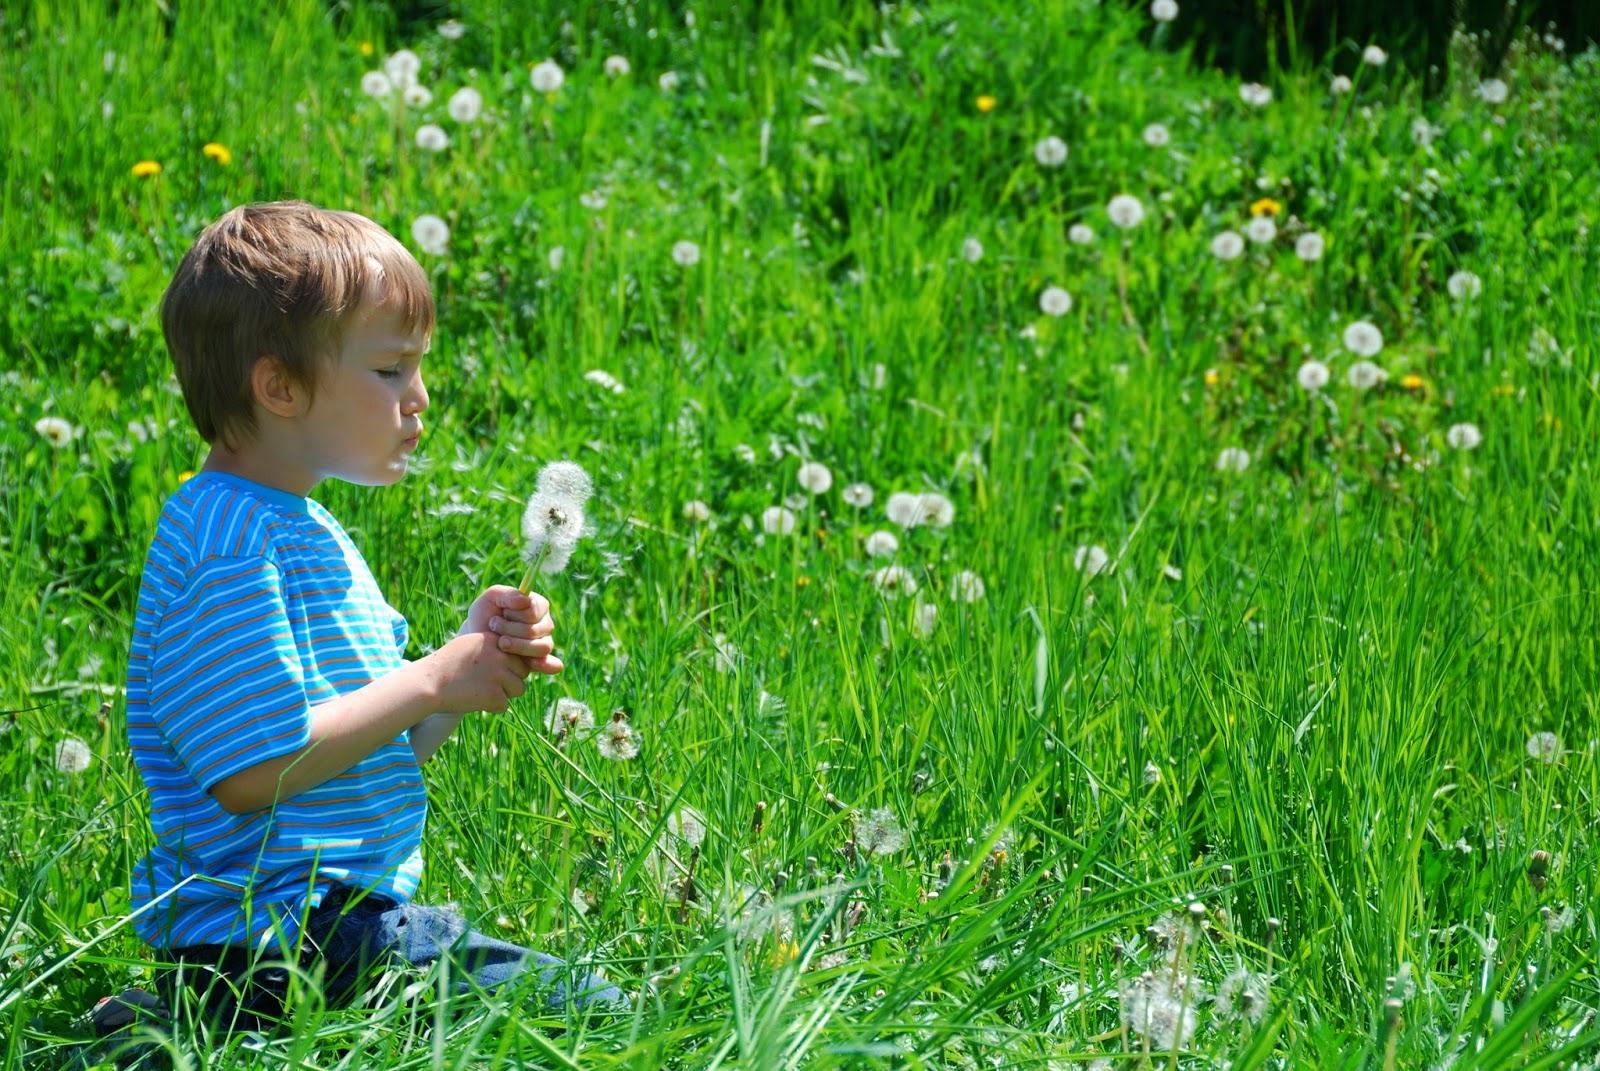 Cortesía Fotolia.com